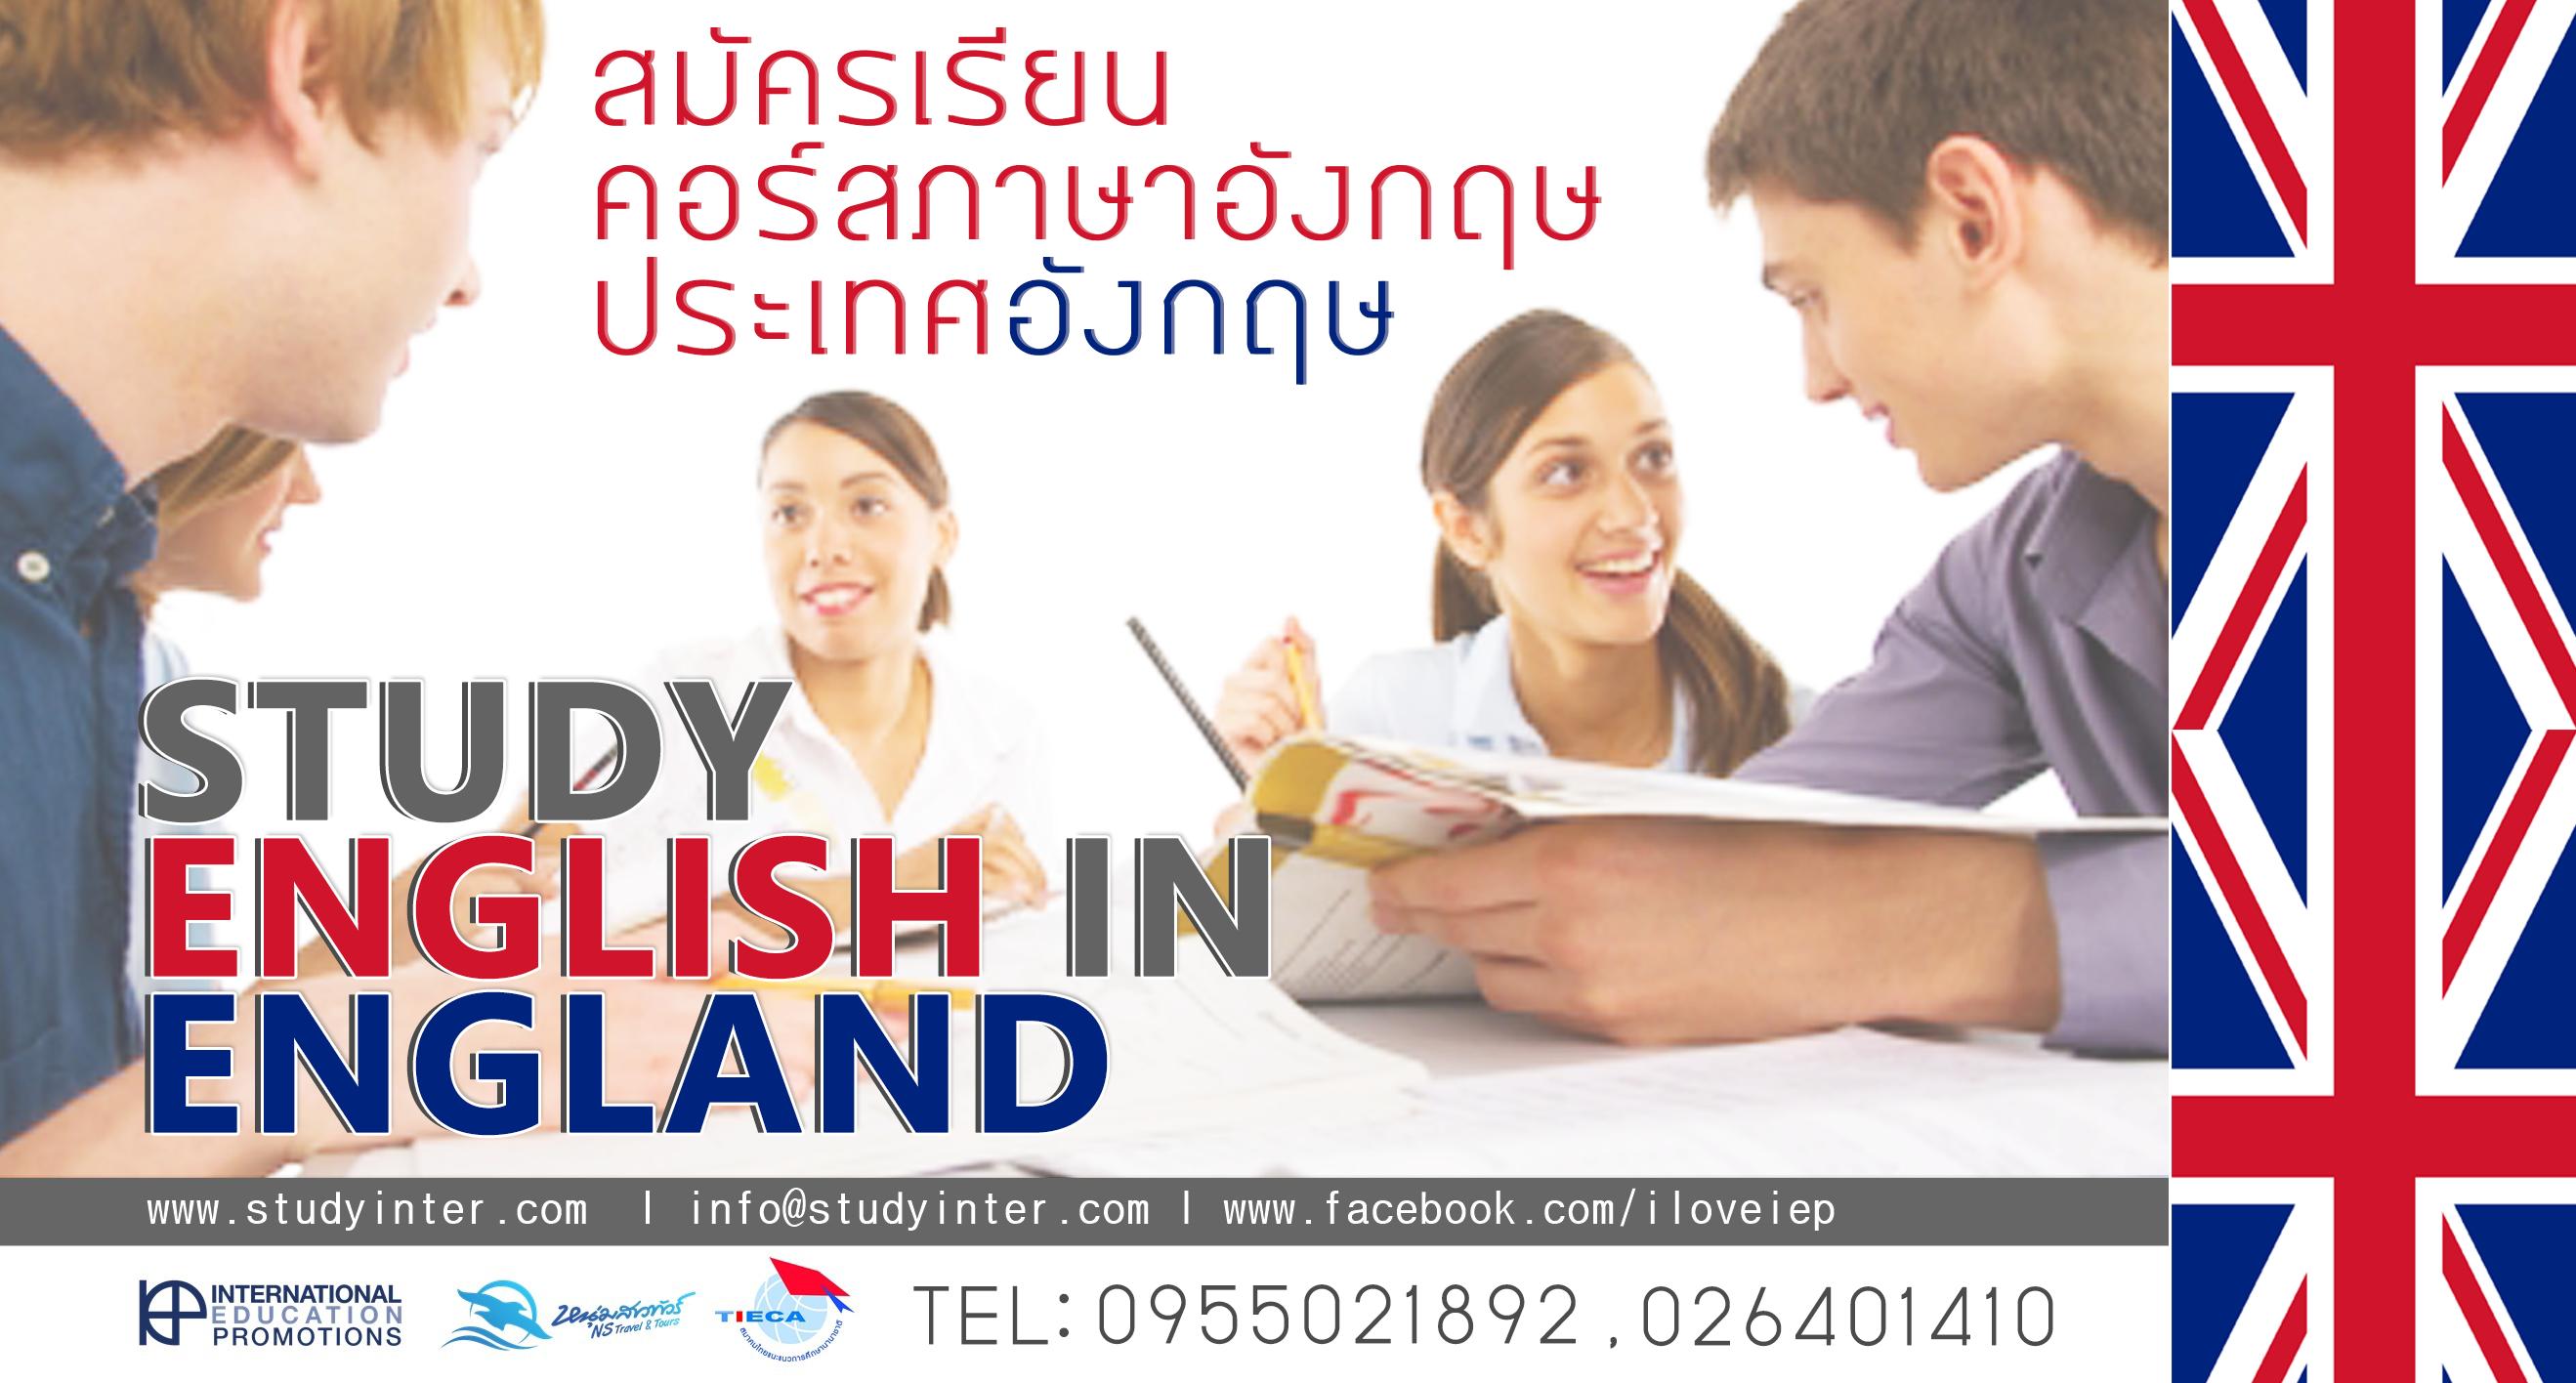 StudyEnglishinEnglandiep